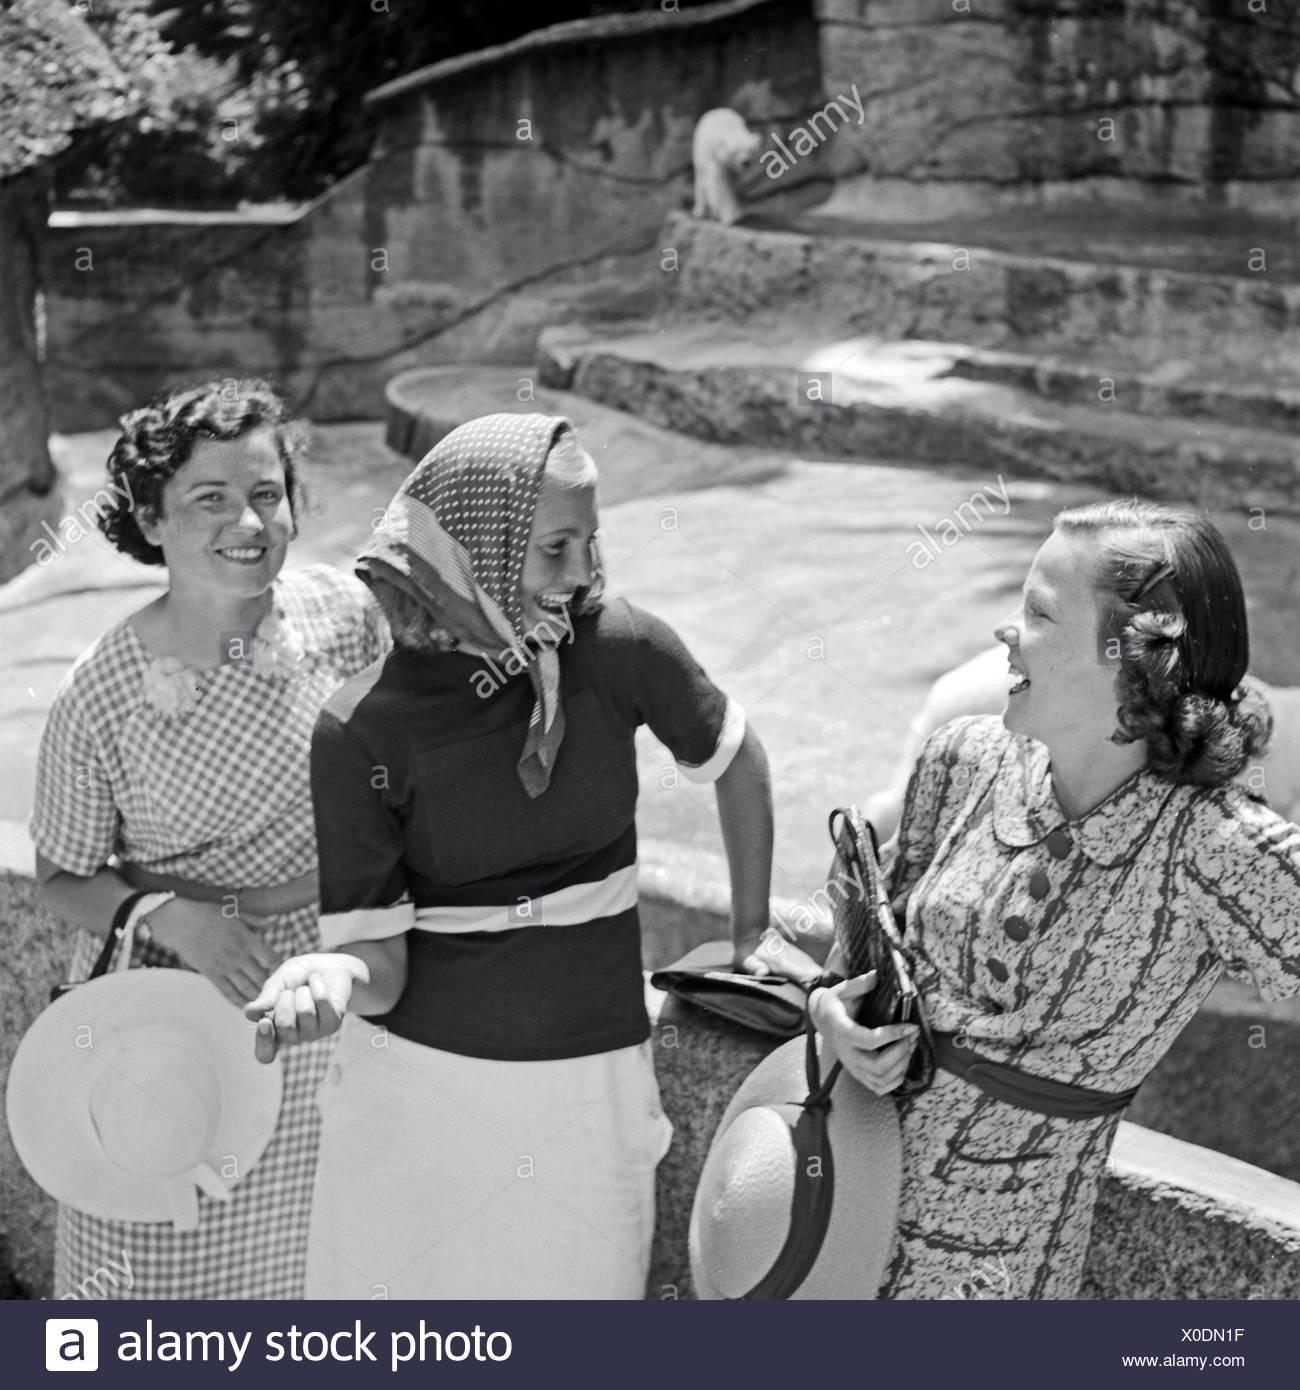 Drei Junge Frauen Stehen Beim Zoobesuich bin Eisbärgehege, 1930er Jahre Deutschland. Drei junge Frau besuchen ein Zoologischer Garten und sehen der Eisbär compound, Deutschland der 1930er Jahre. Stockbild